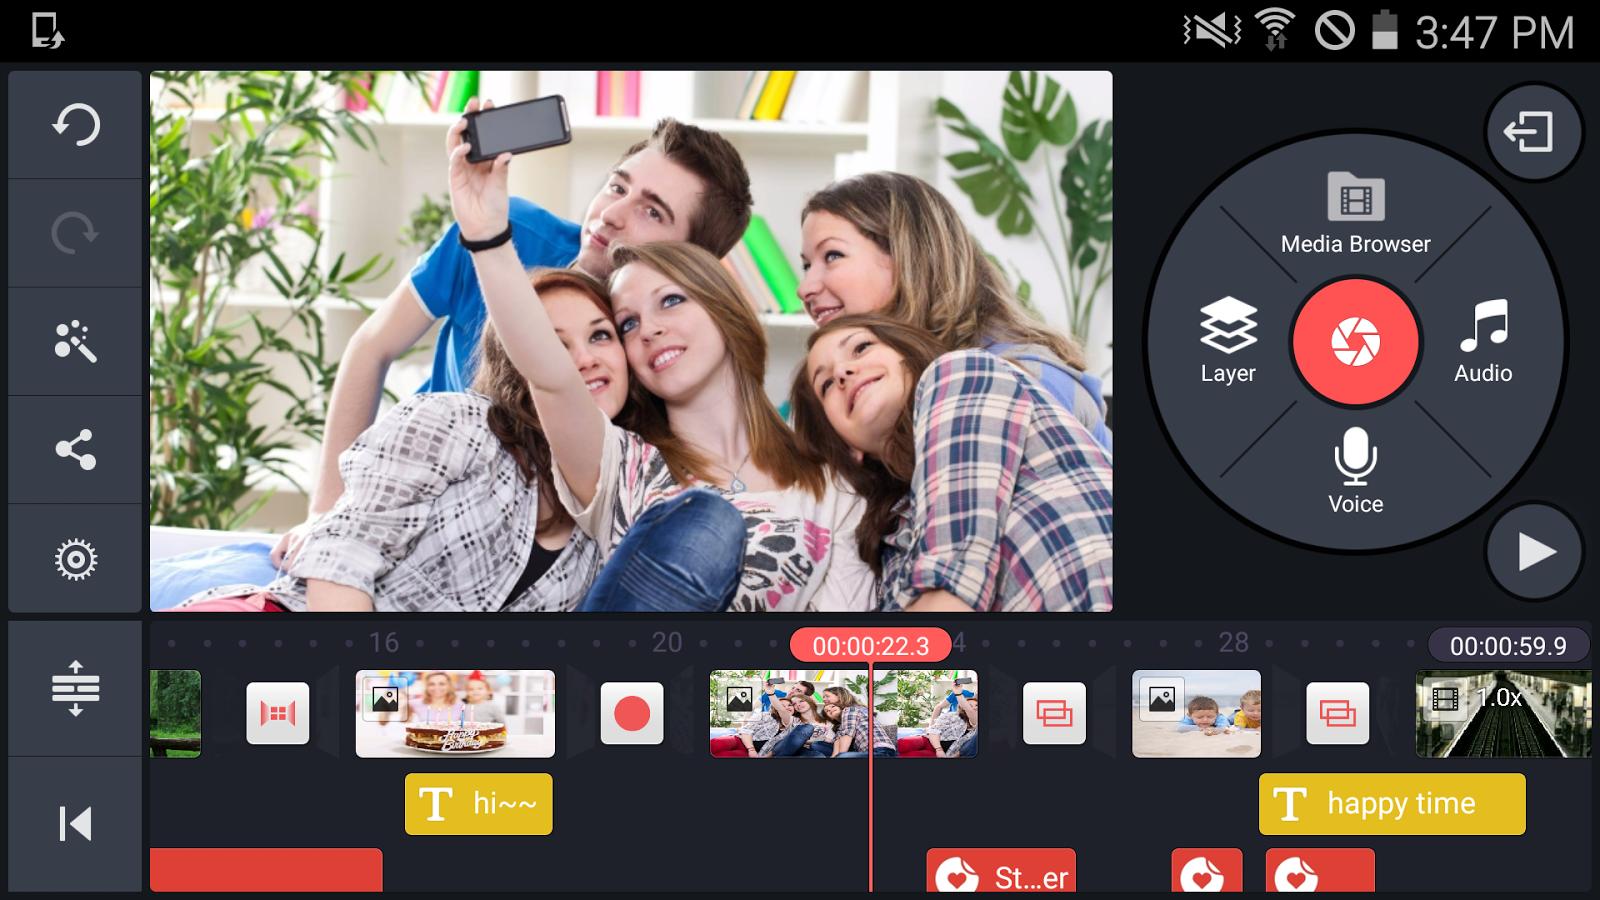 تحميل تطبيق KineMaster مهكر اخر اصدار,KineMaster – Pro Video Editor,استخدام KineMaster,ميزات KineMaster مهكر اخر اصدار,KineMaster,تحميل كين ماستر مهكر,صور KineMaster,Youtube، Facebook، Google، Dropbox,NexStreaming,ادوات الفيديو